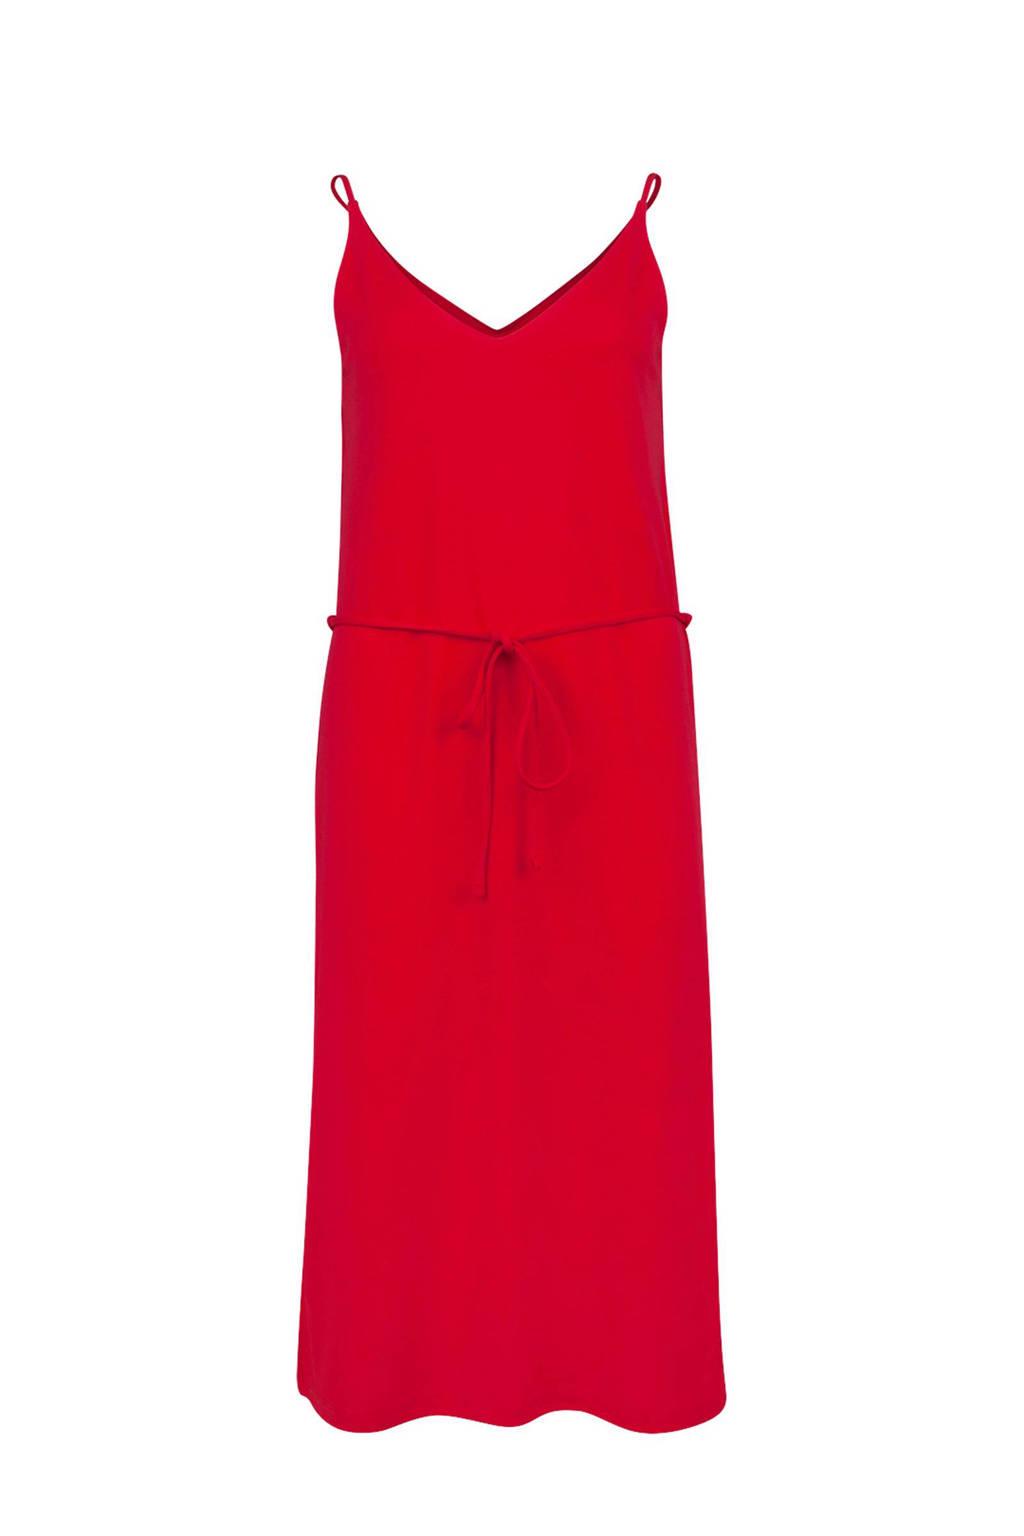 WE Fashion jurk rood, Rood